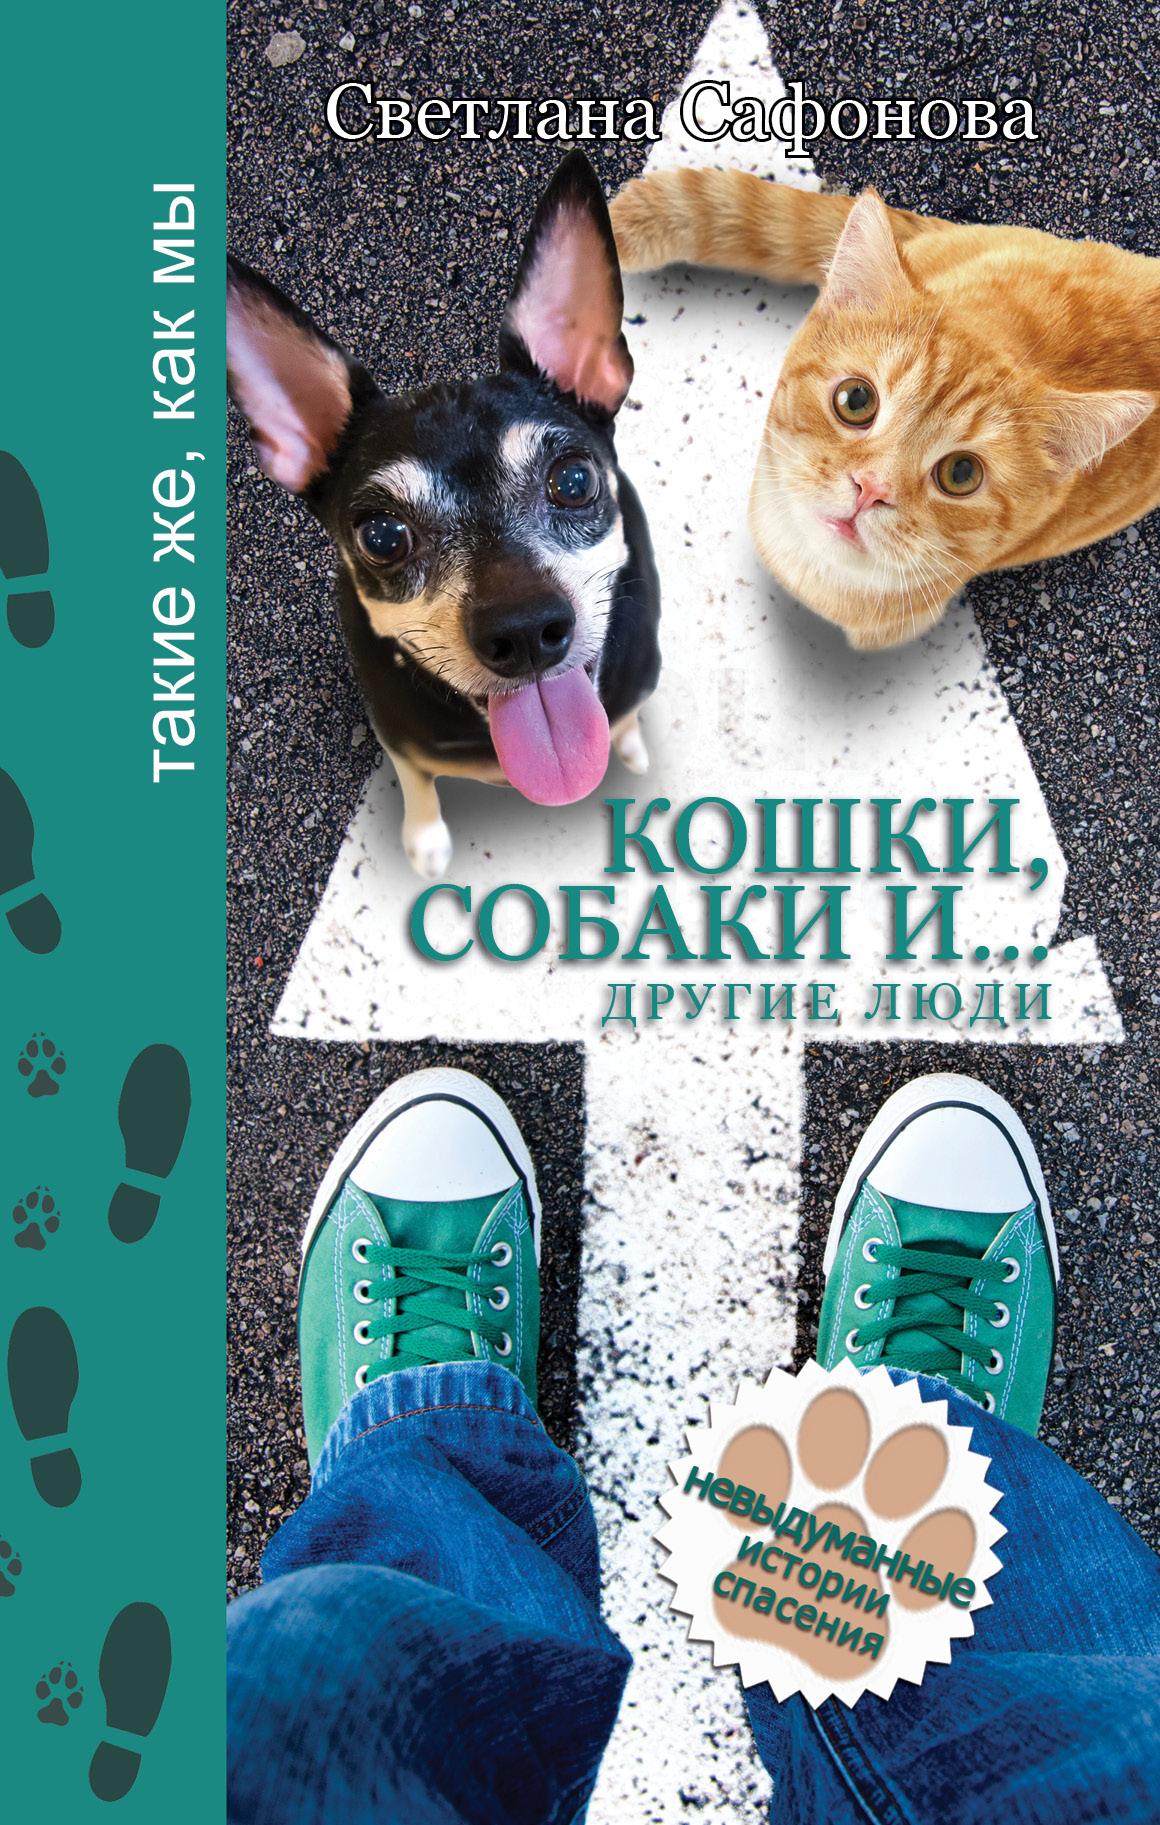 Светлана Сафонова Кошки, собаки и... другие люди